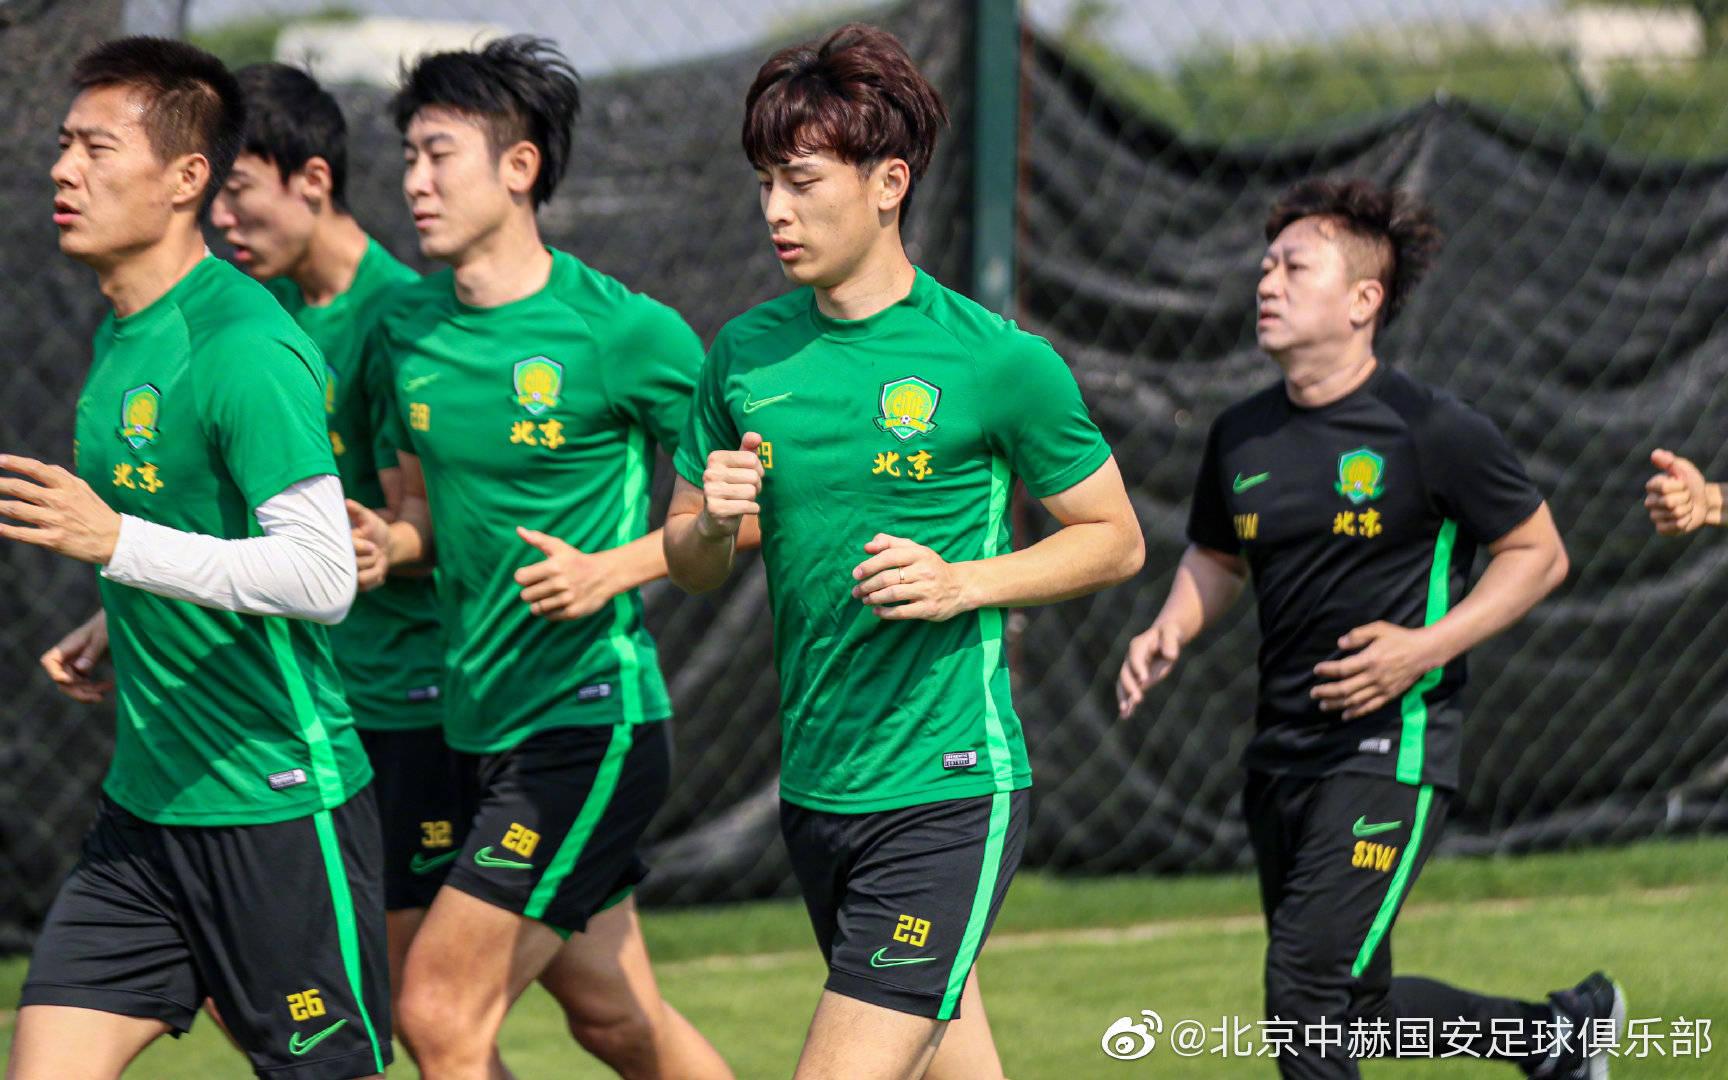 北京中赫国安足球俱乐部一线队开始了抵达昆明之后的第一堂训练课